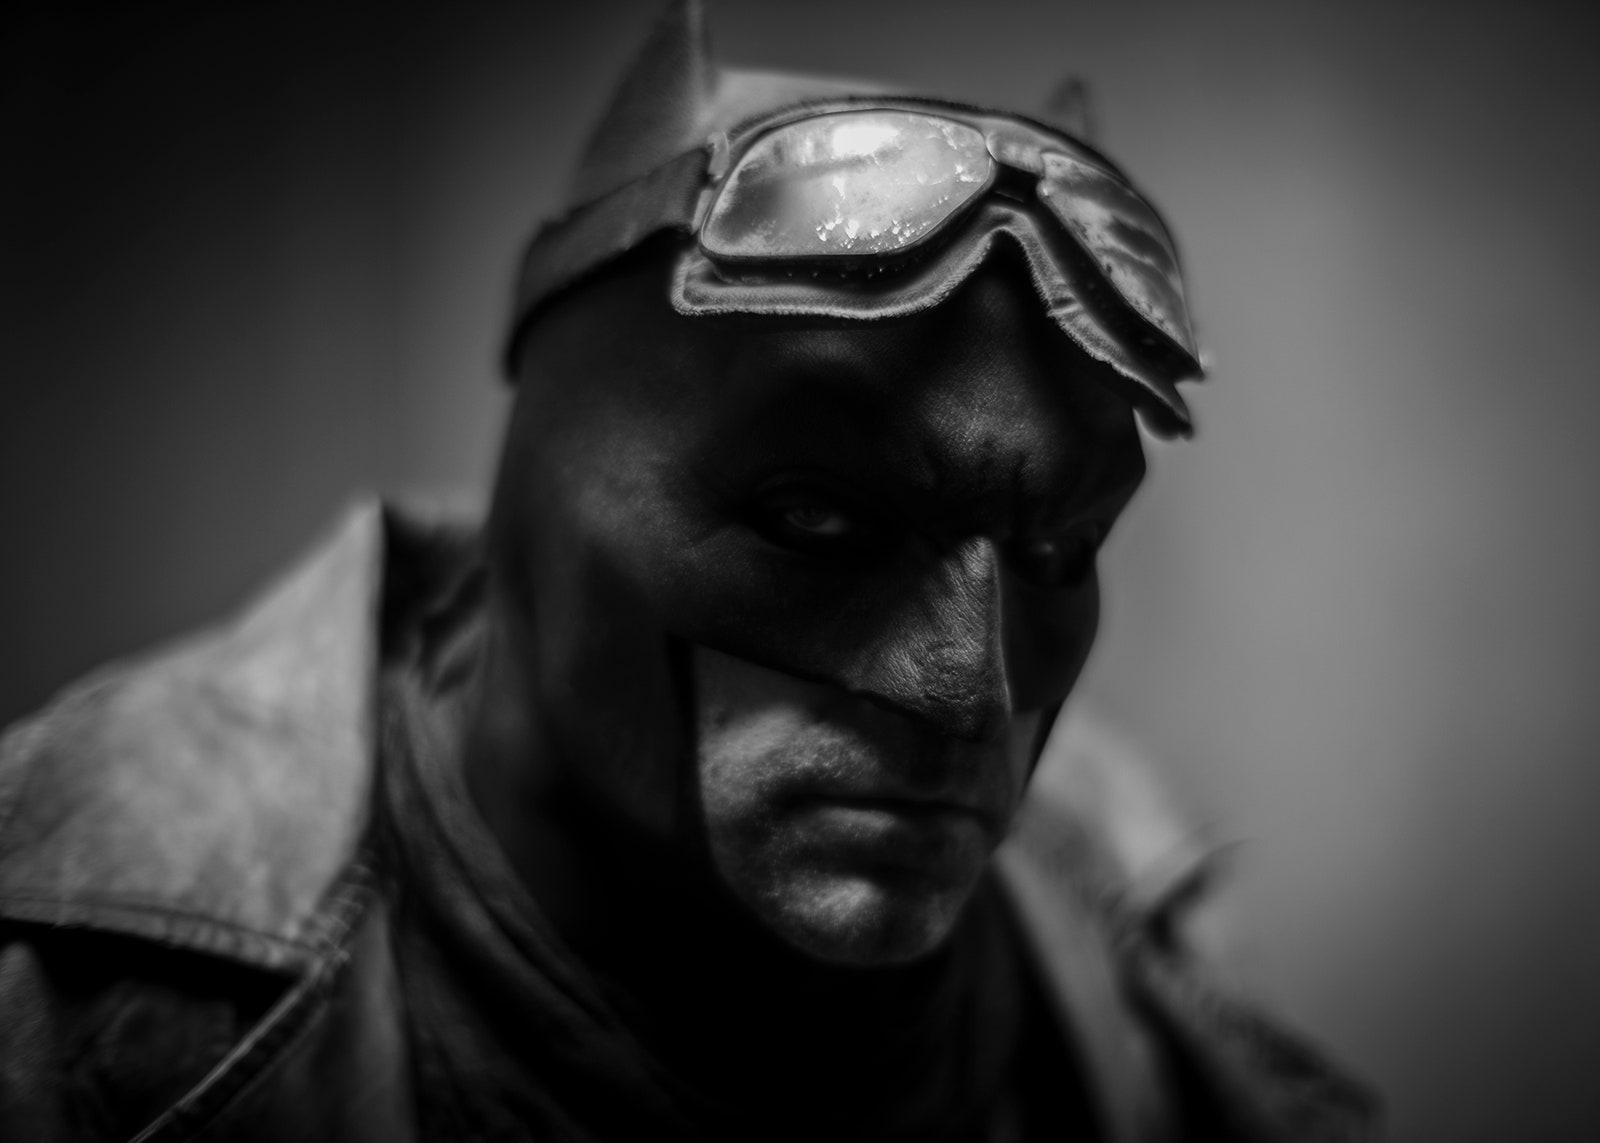 Zack Snyder queria romance entre Bruce Wayne e Lois Lane em Liga da Justiça